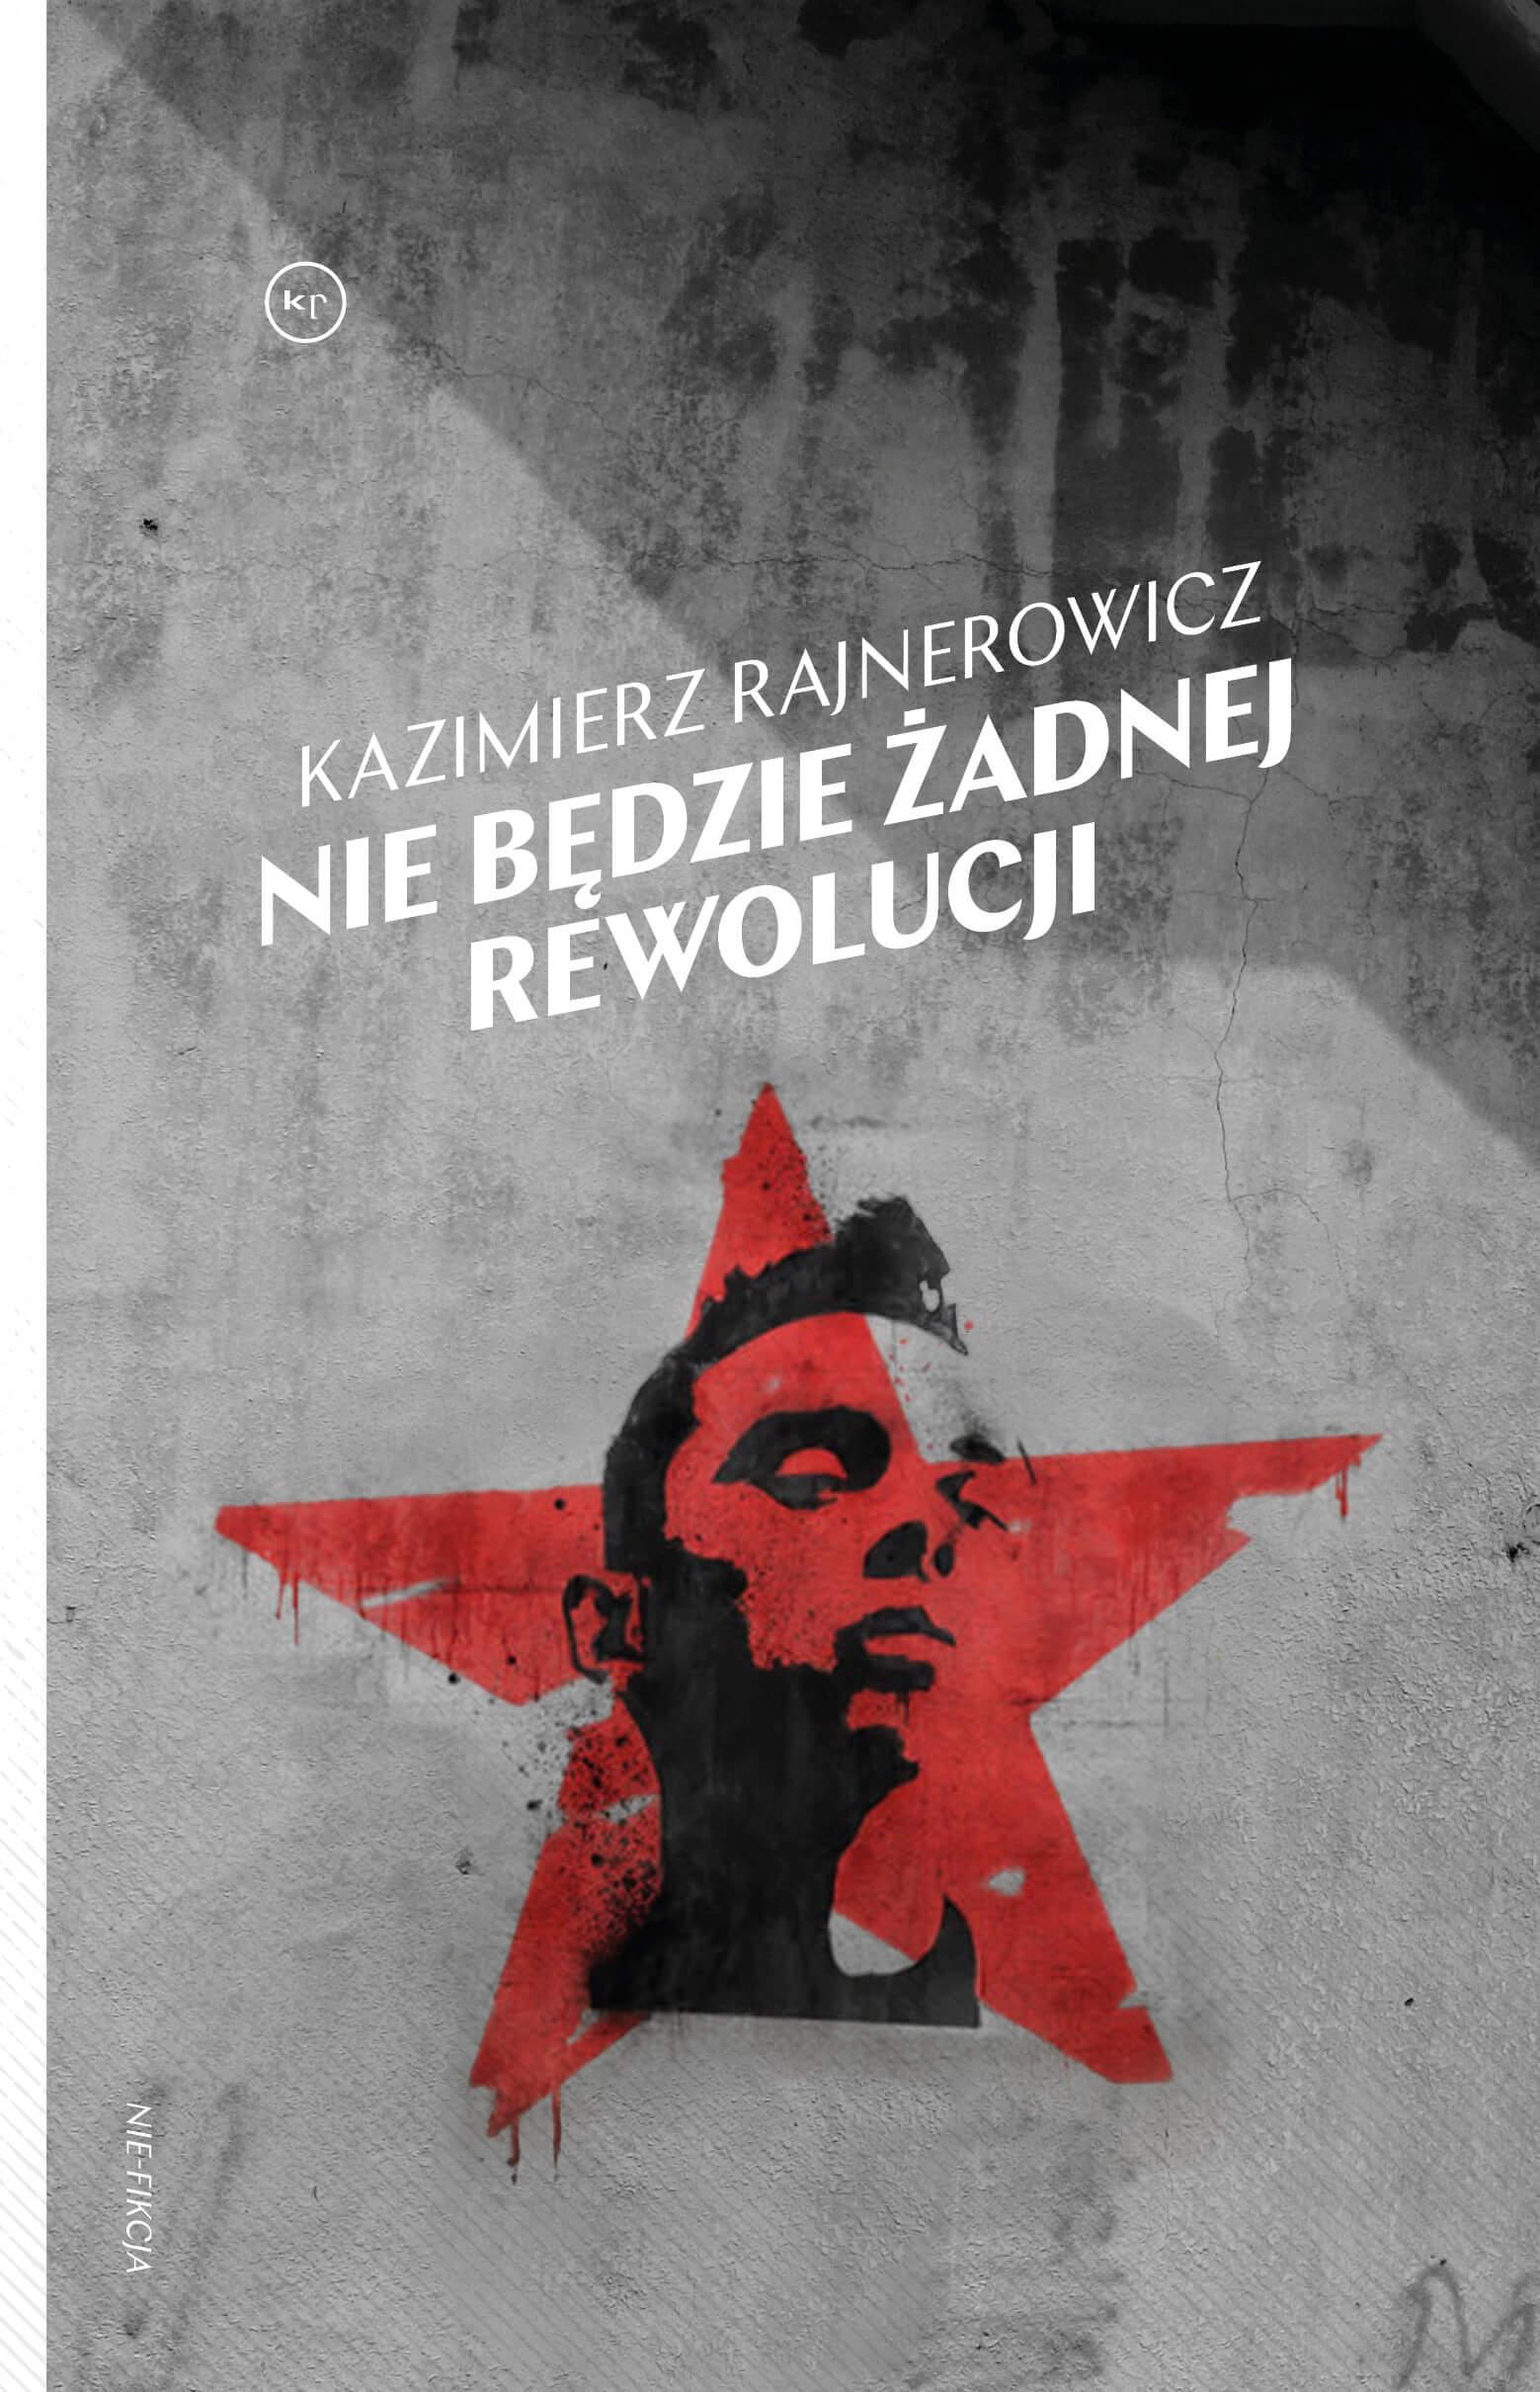 Kazimierz Rajnerowicz: Nie będzie żadnej rewolucji